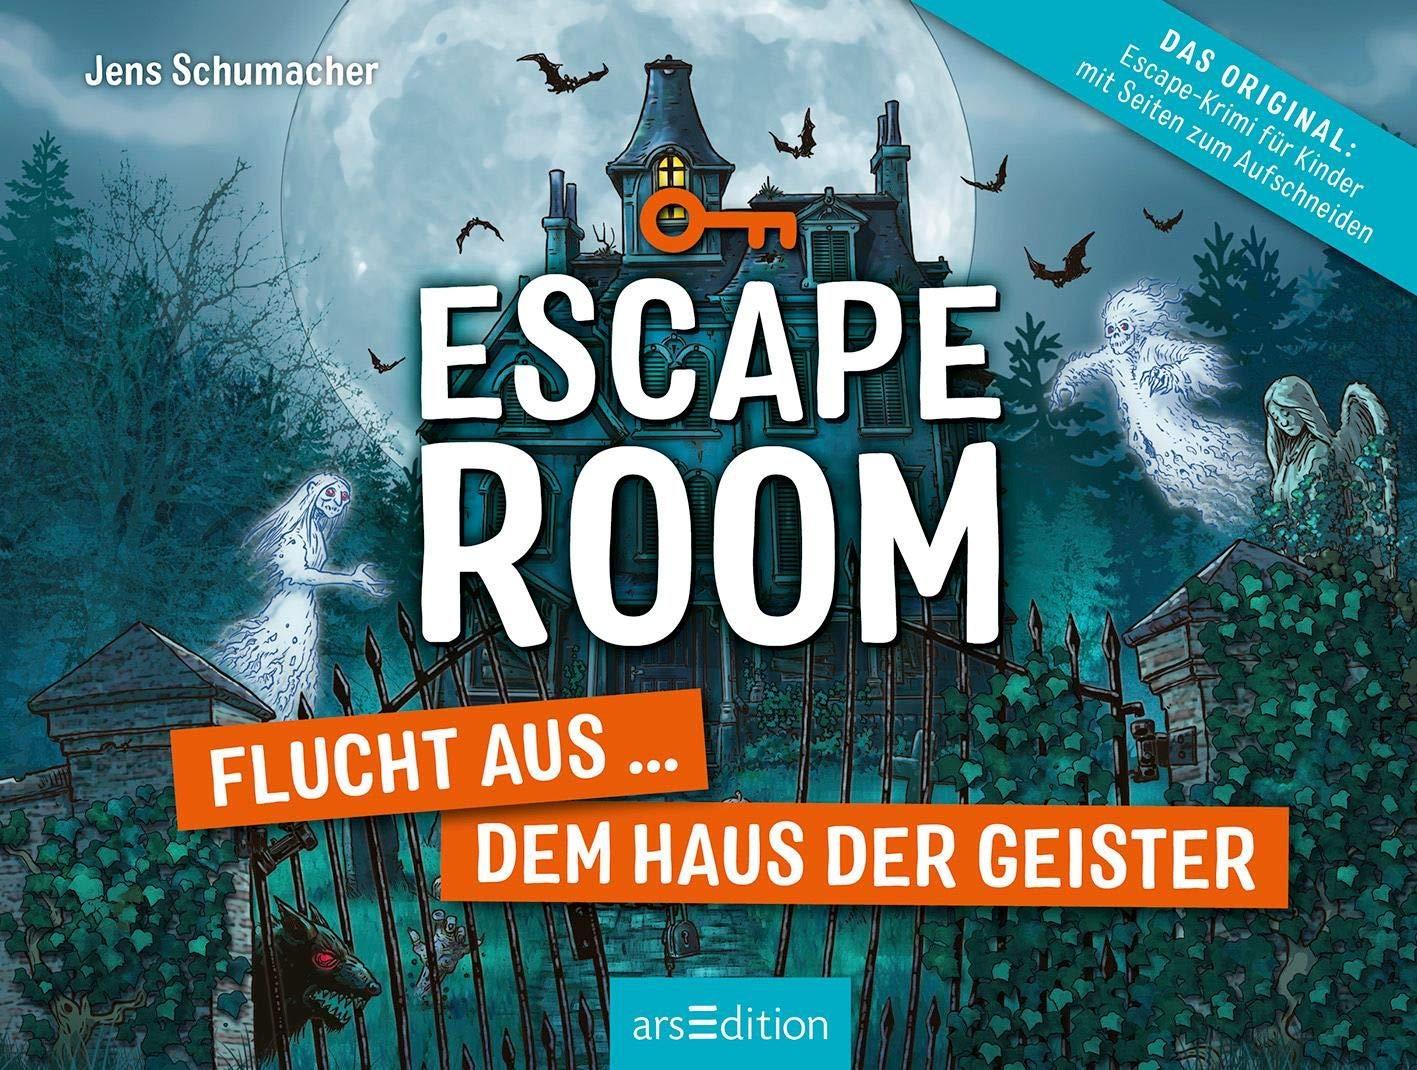 Escape Room – Flucht aus dem Haus der Geister